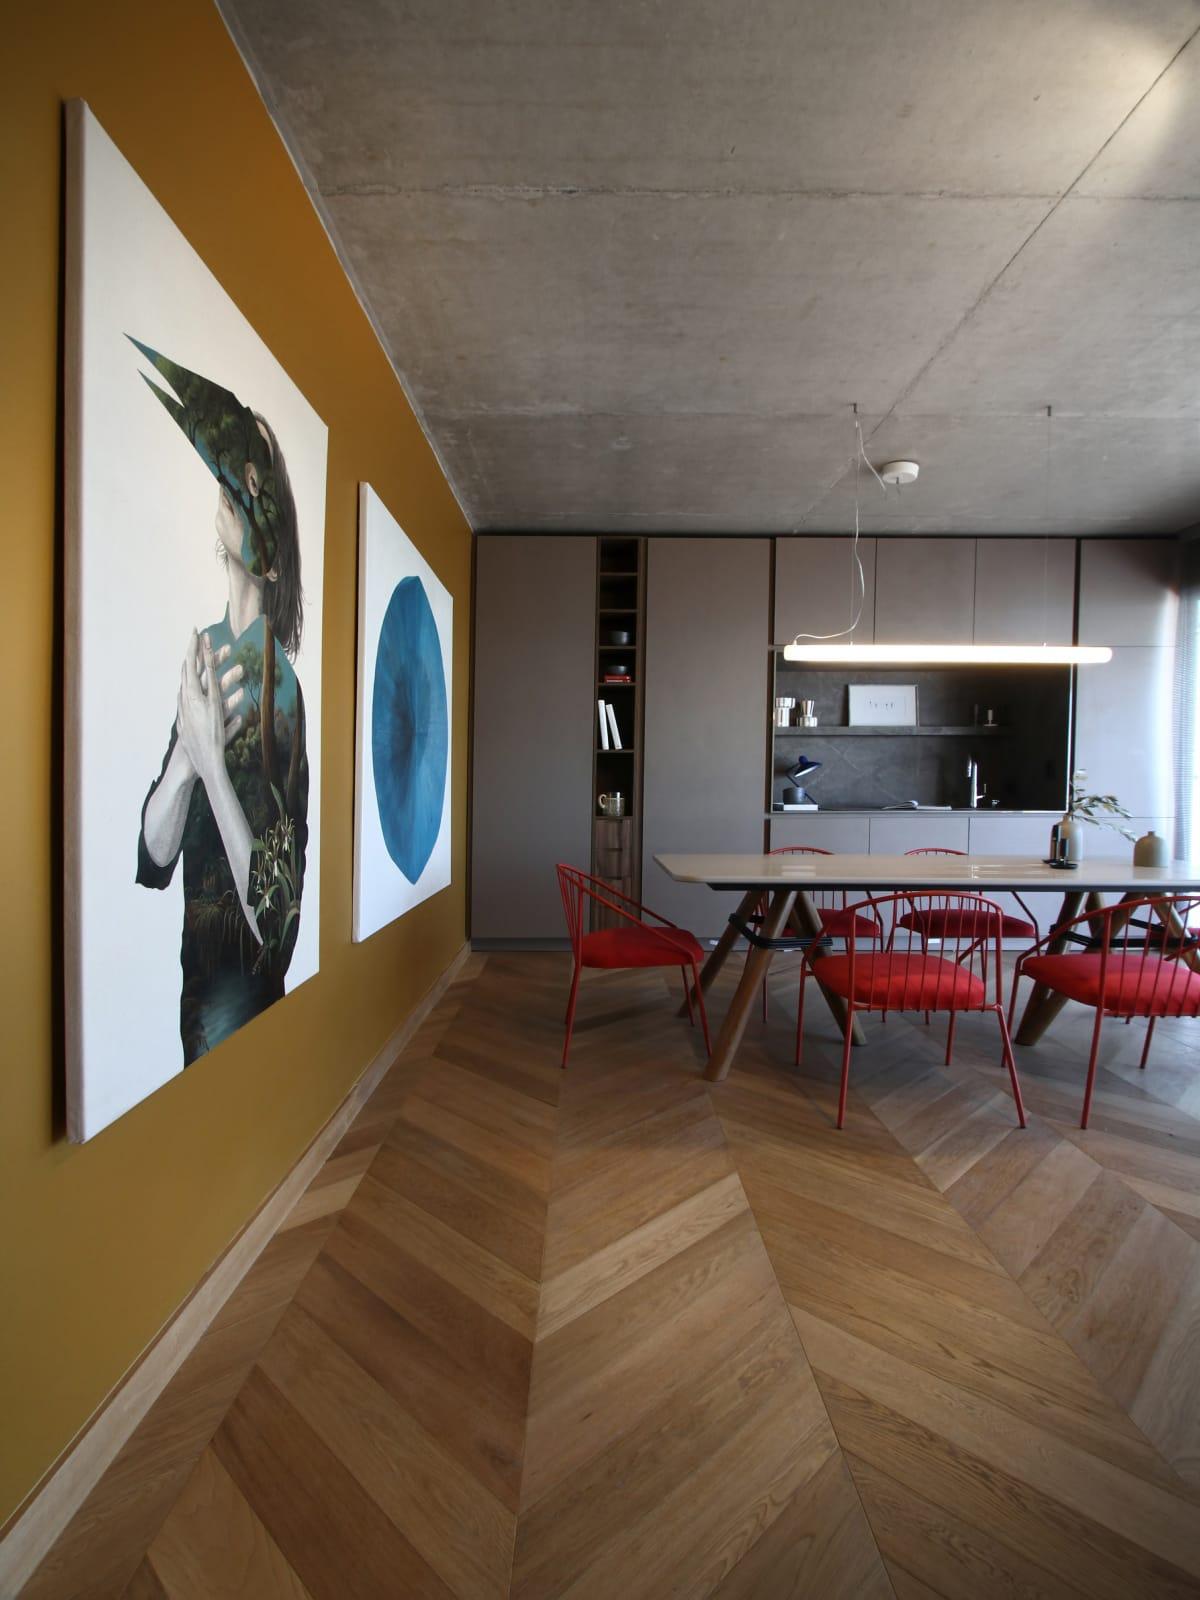 Maia Lauferman y Leandro De Angelo en Experiencia Satélite Puertos 2021 crearon una unidad de vivienda con equipamiento móvil y espacio suficiente para crear diferentes configuraciones de estar.